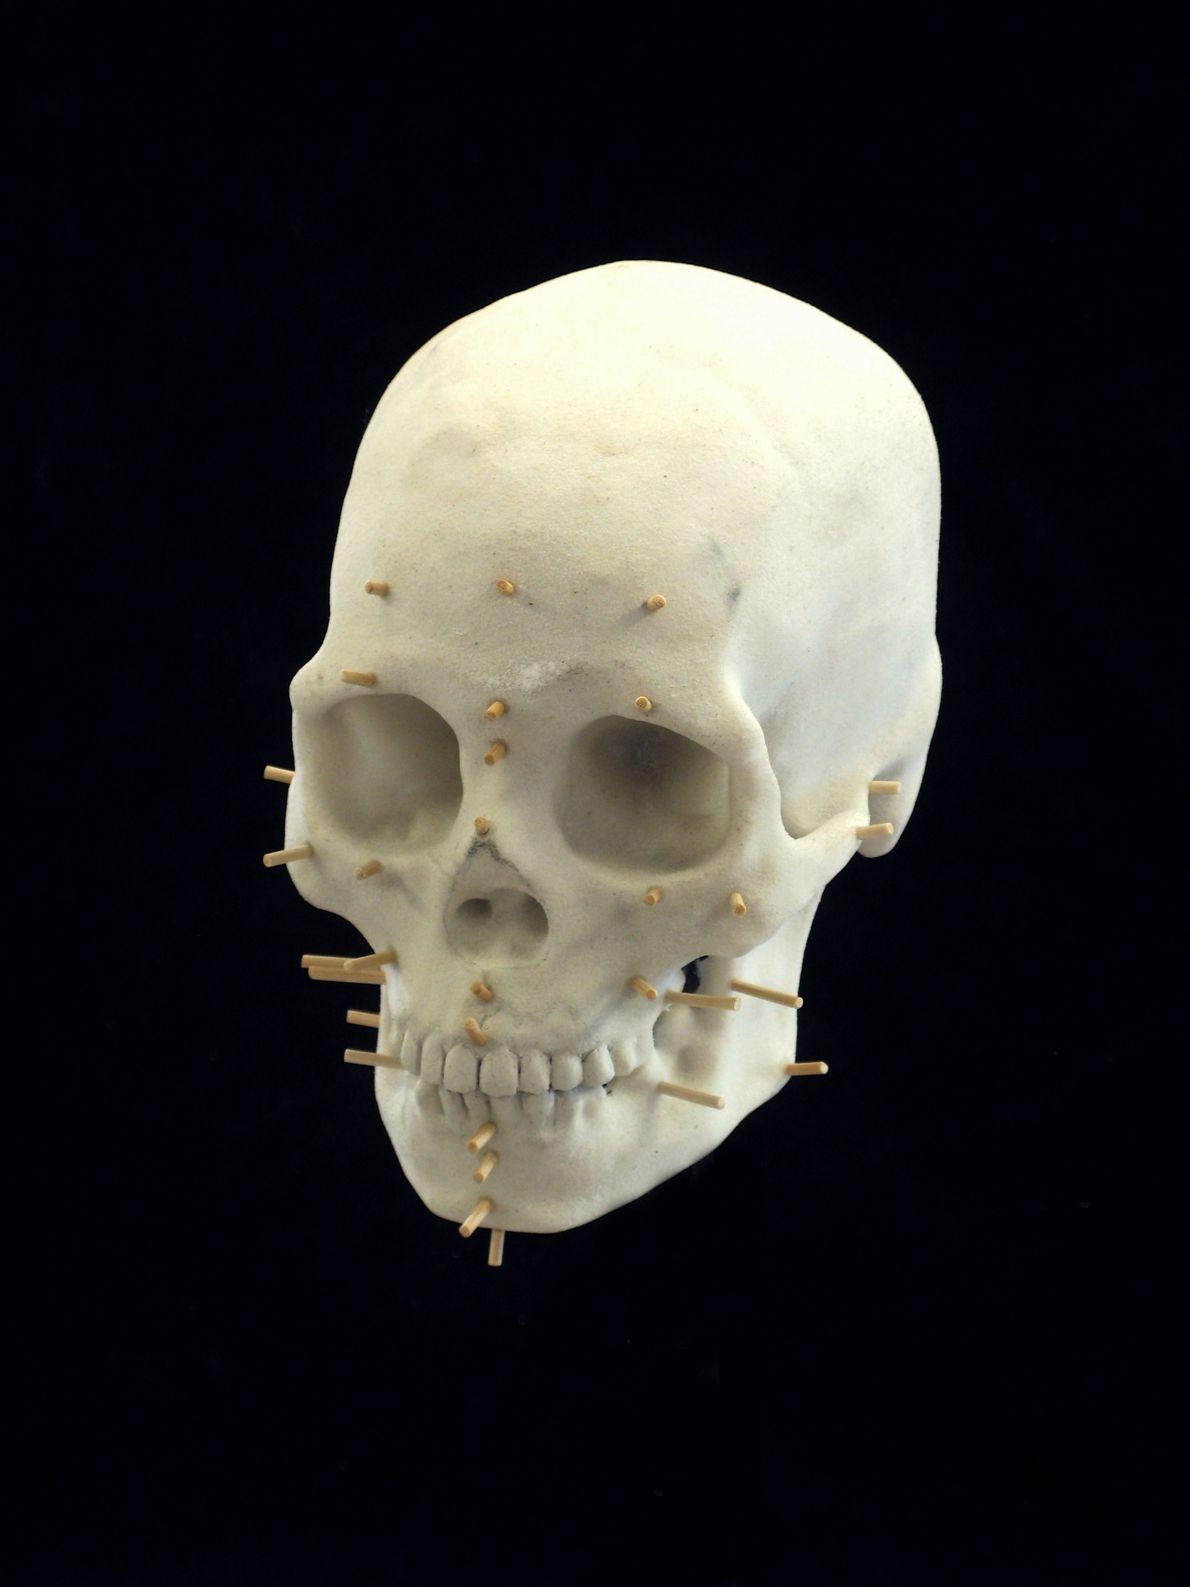 Pinos em molde 3D de crânio